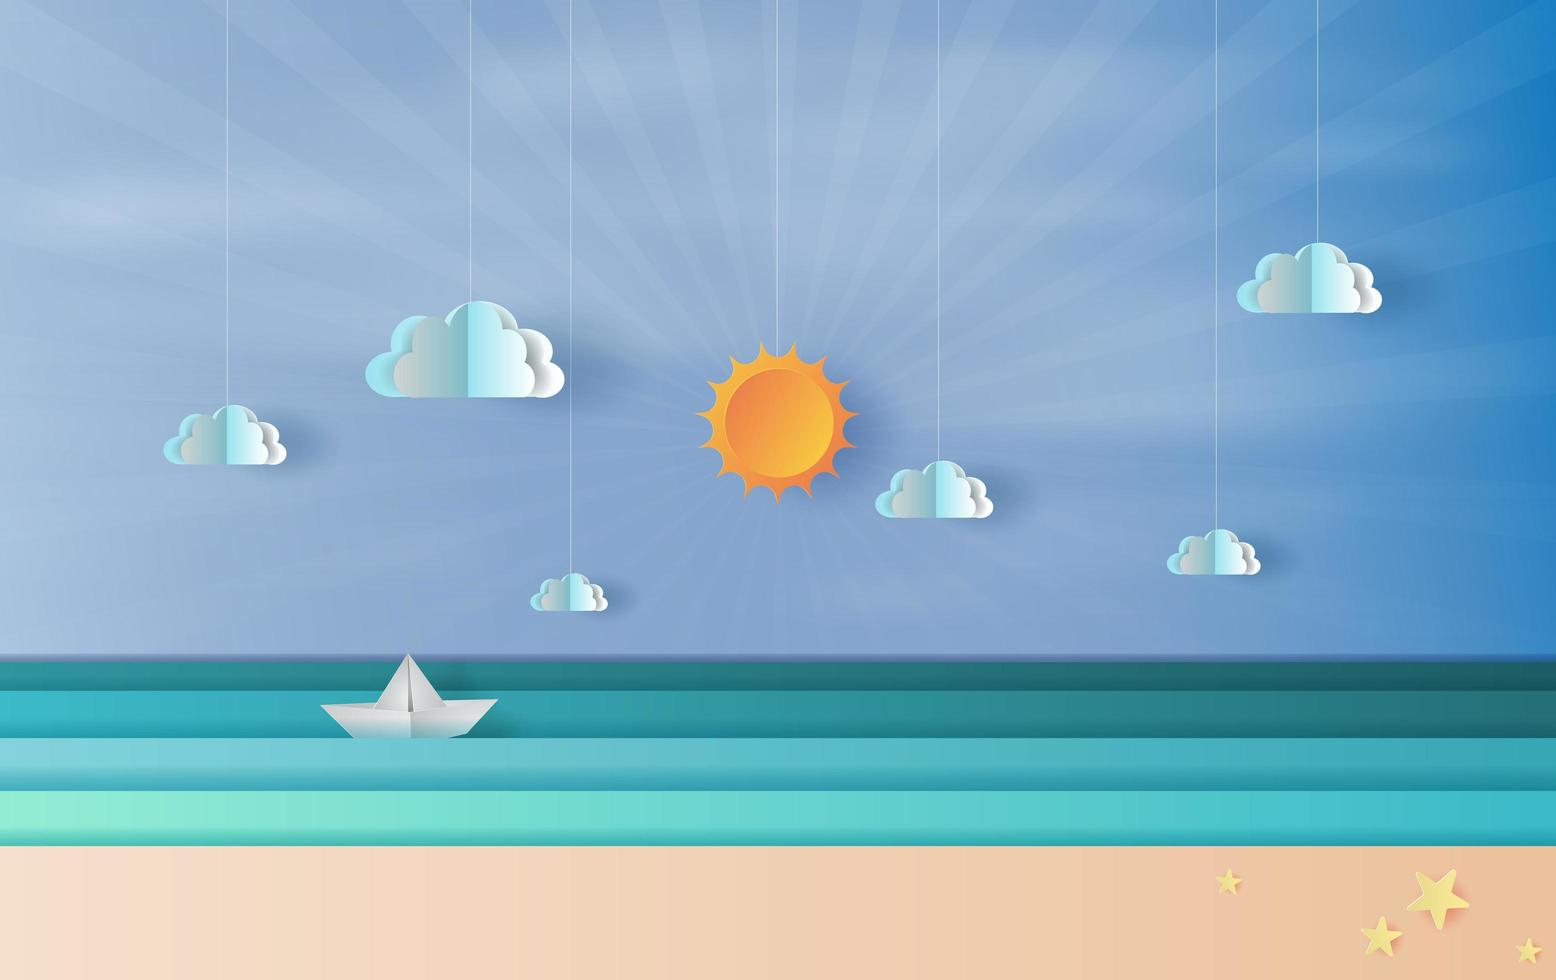 papier kunst en ambachtelijke stijl strand horizon banner achtergrond vector